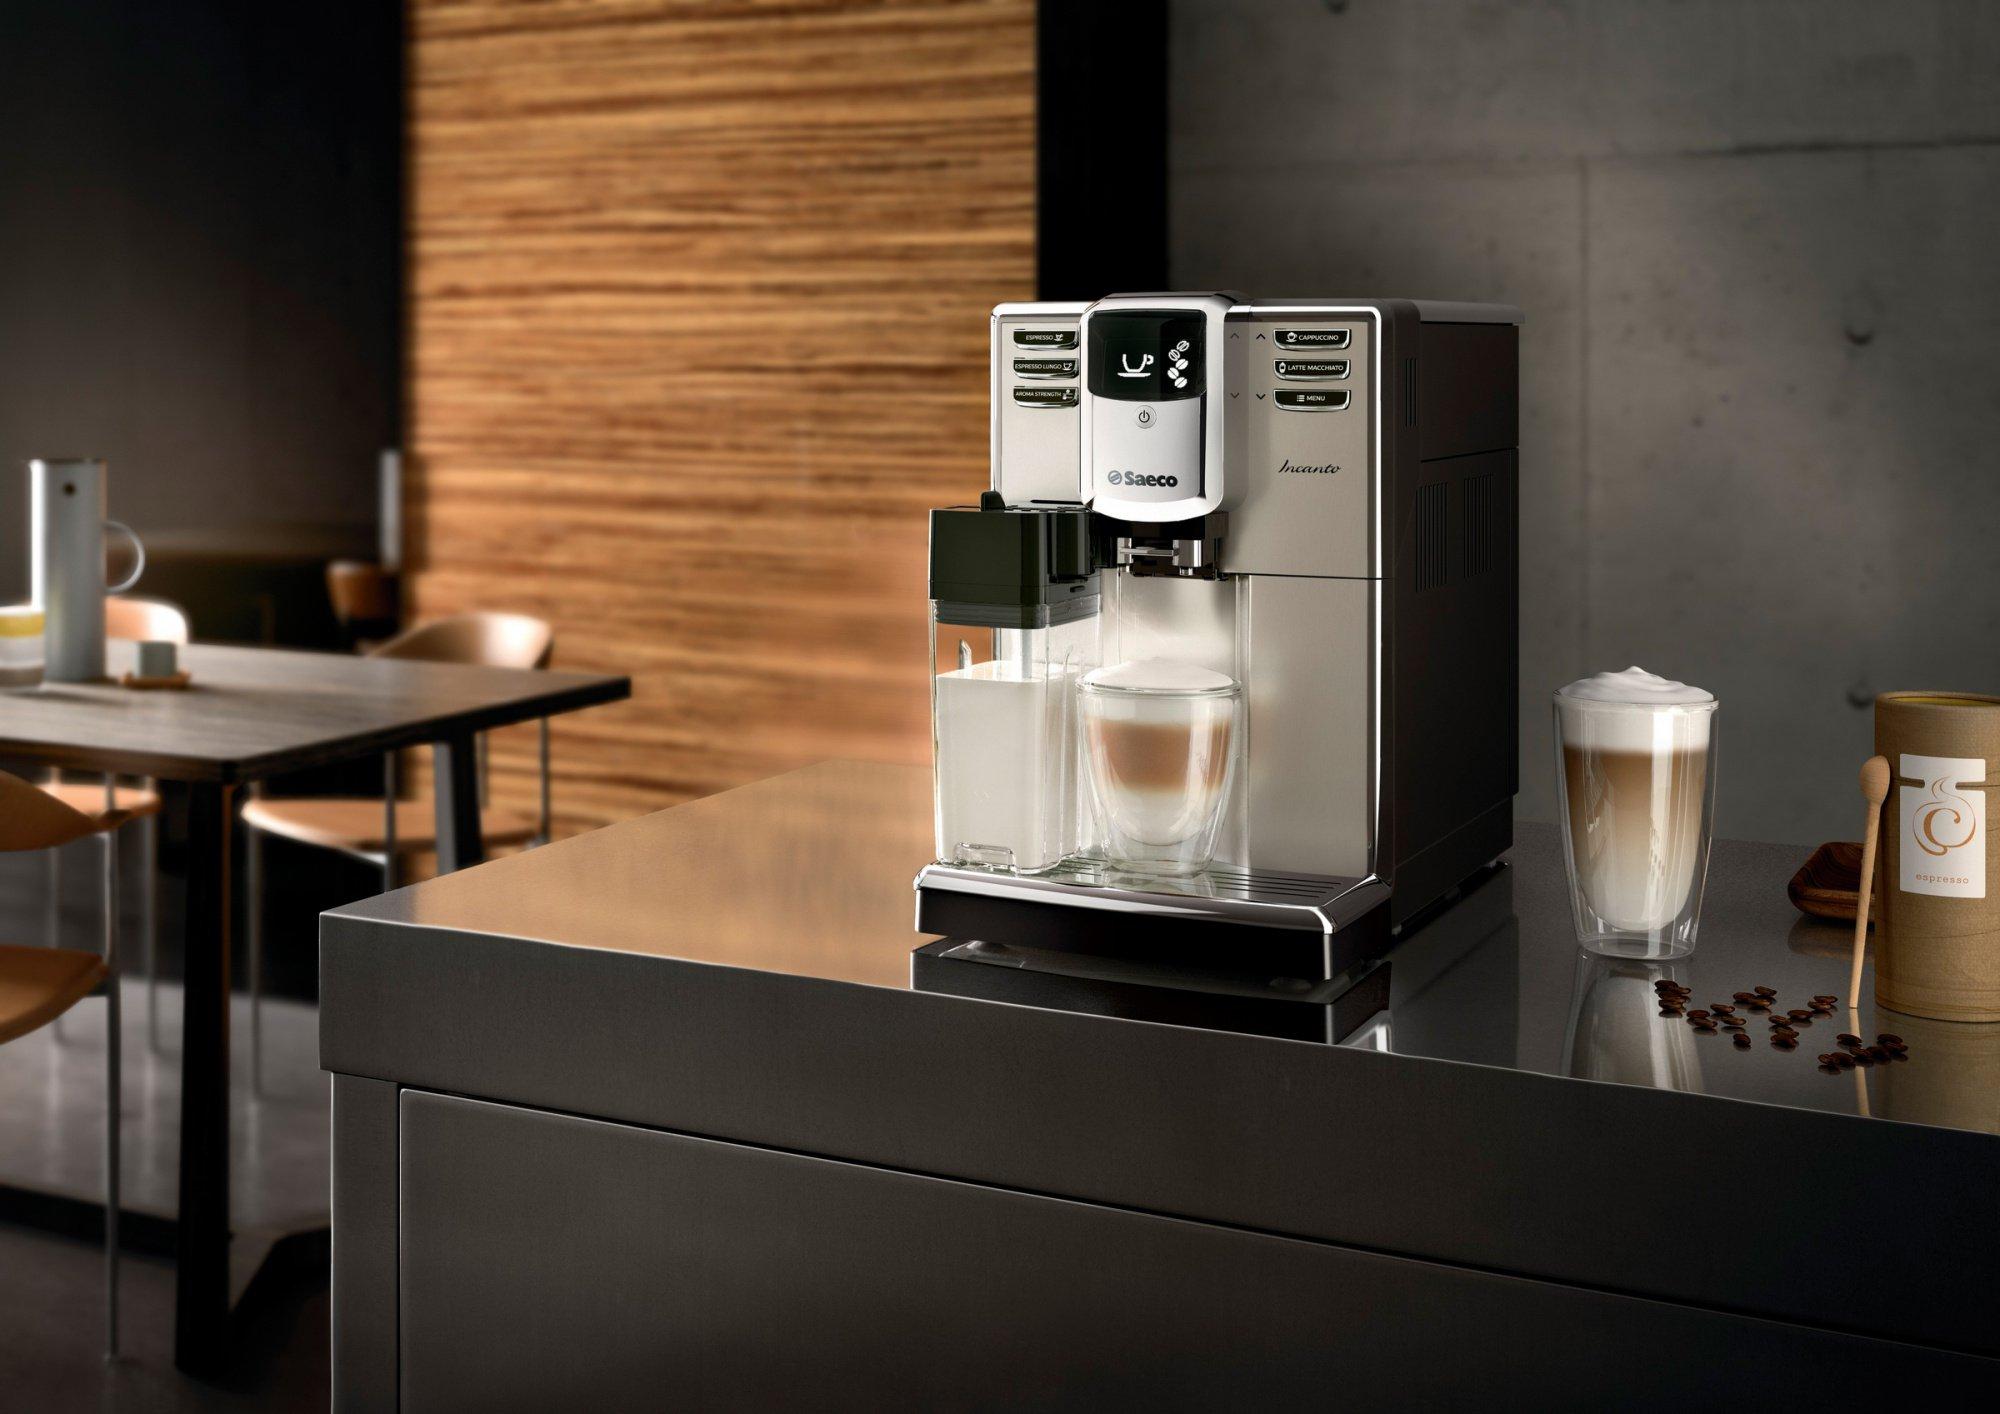 Слабый напор при подаче кофе в кофемашине